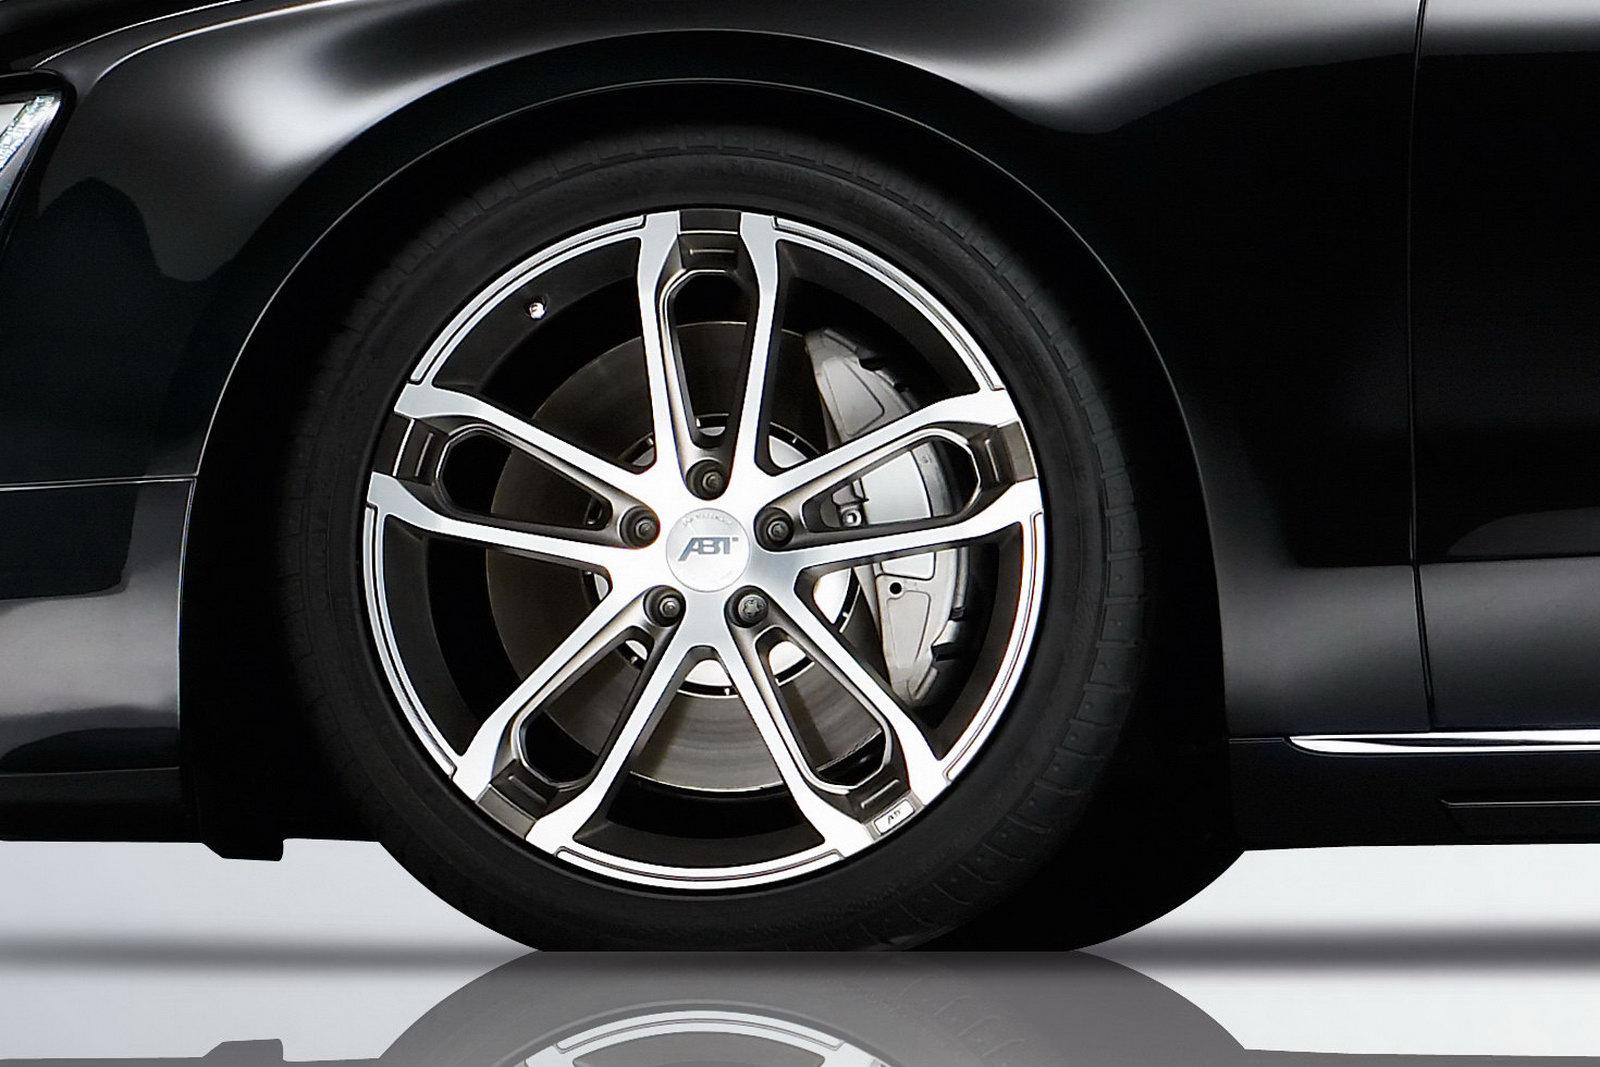 http://1.bp.blogspot.com/_FoXyvaPSnVk/TCOQ0A3_zKI/AAAAAAAC_rU/00ukxhktNeM/s1600/Audi-AS8-ABT-6.jpg